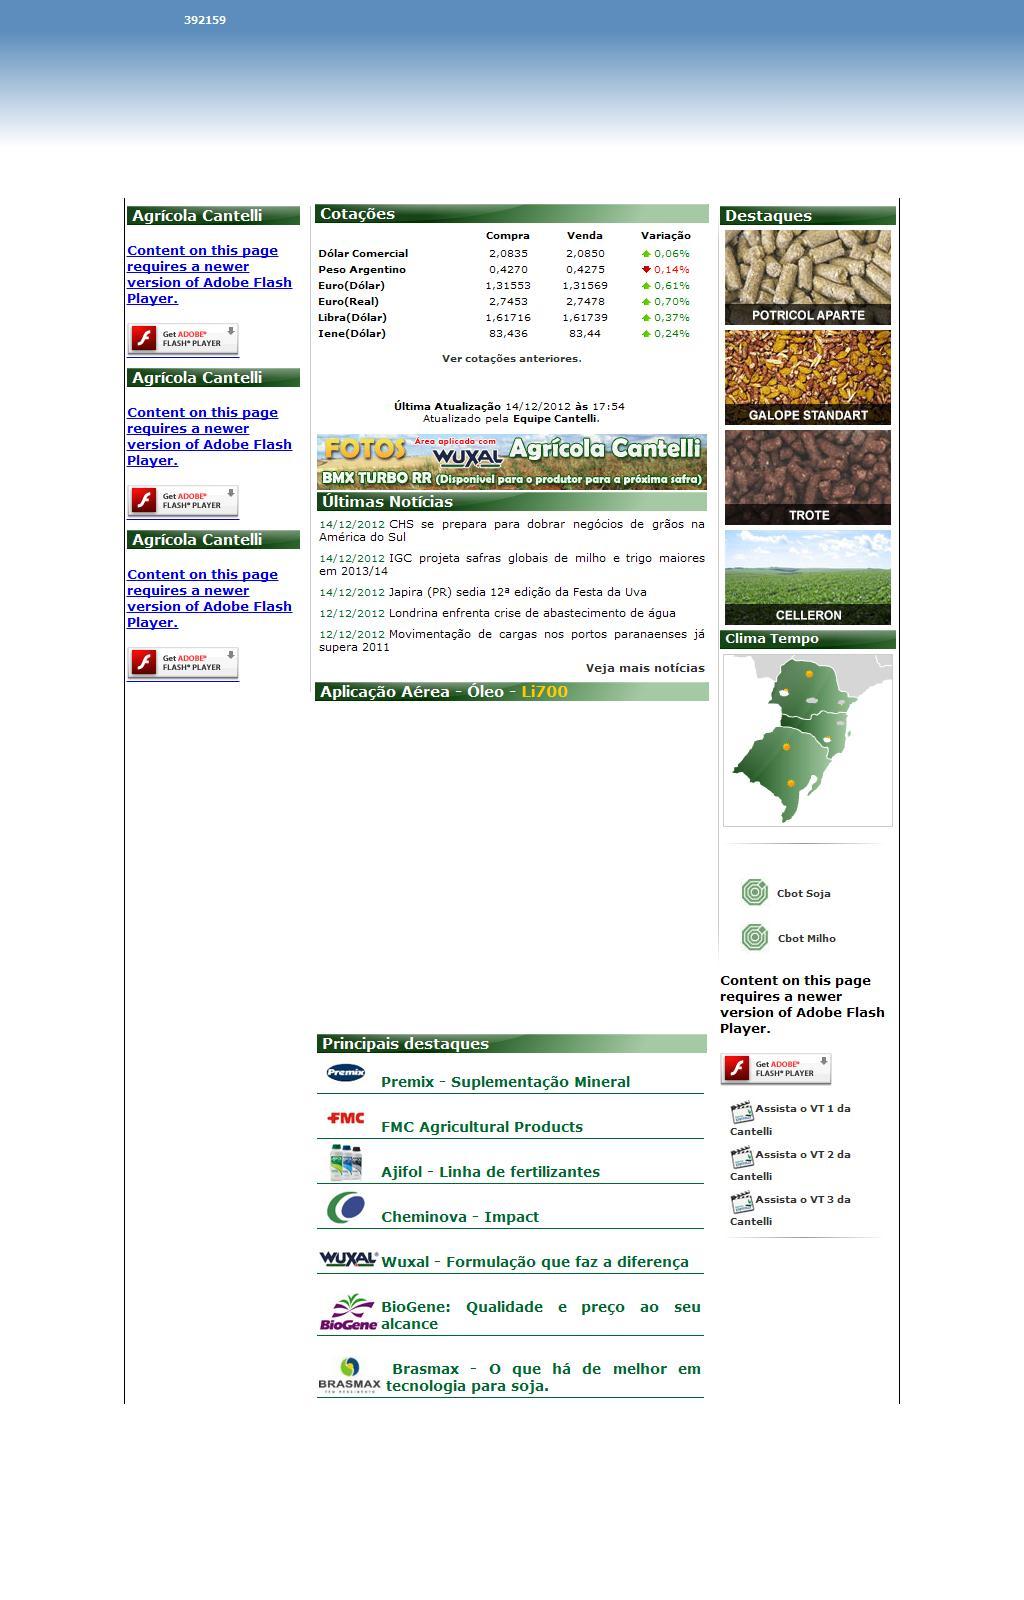 Agrícola Cantelli - A verdadeira parceria com o agricultor!